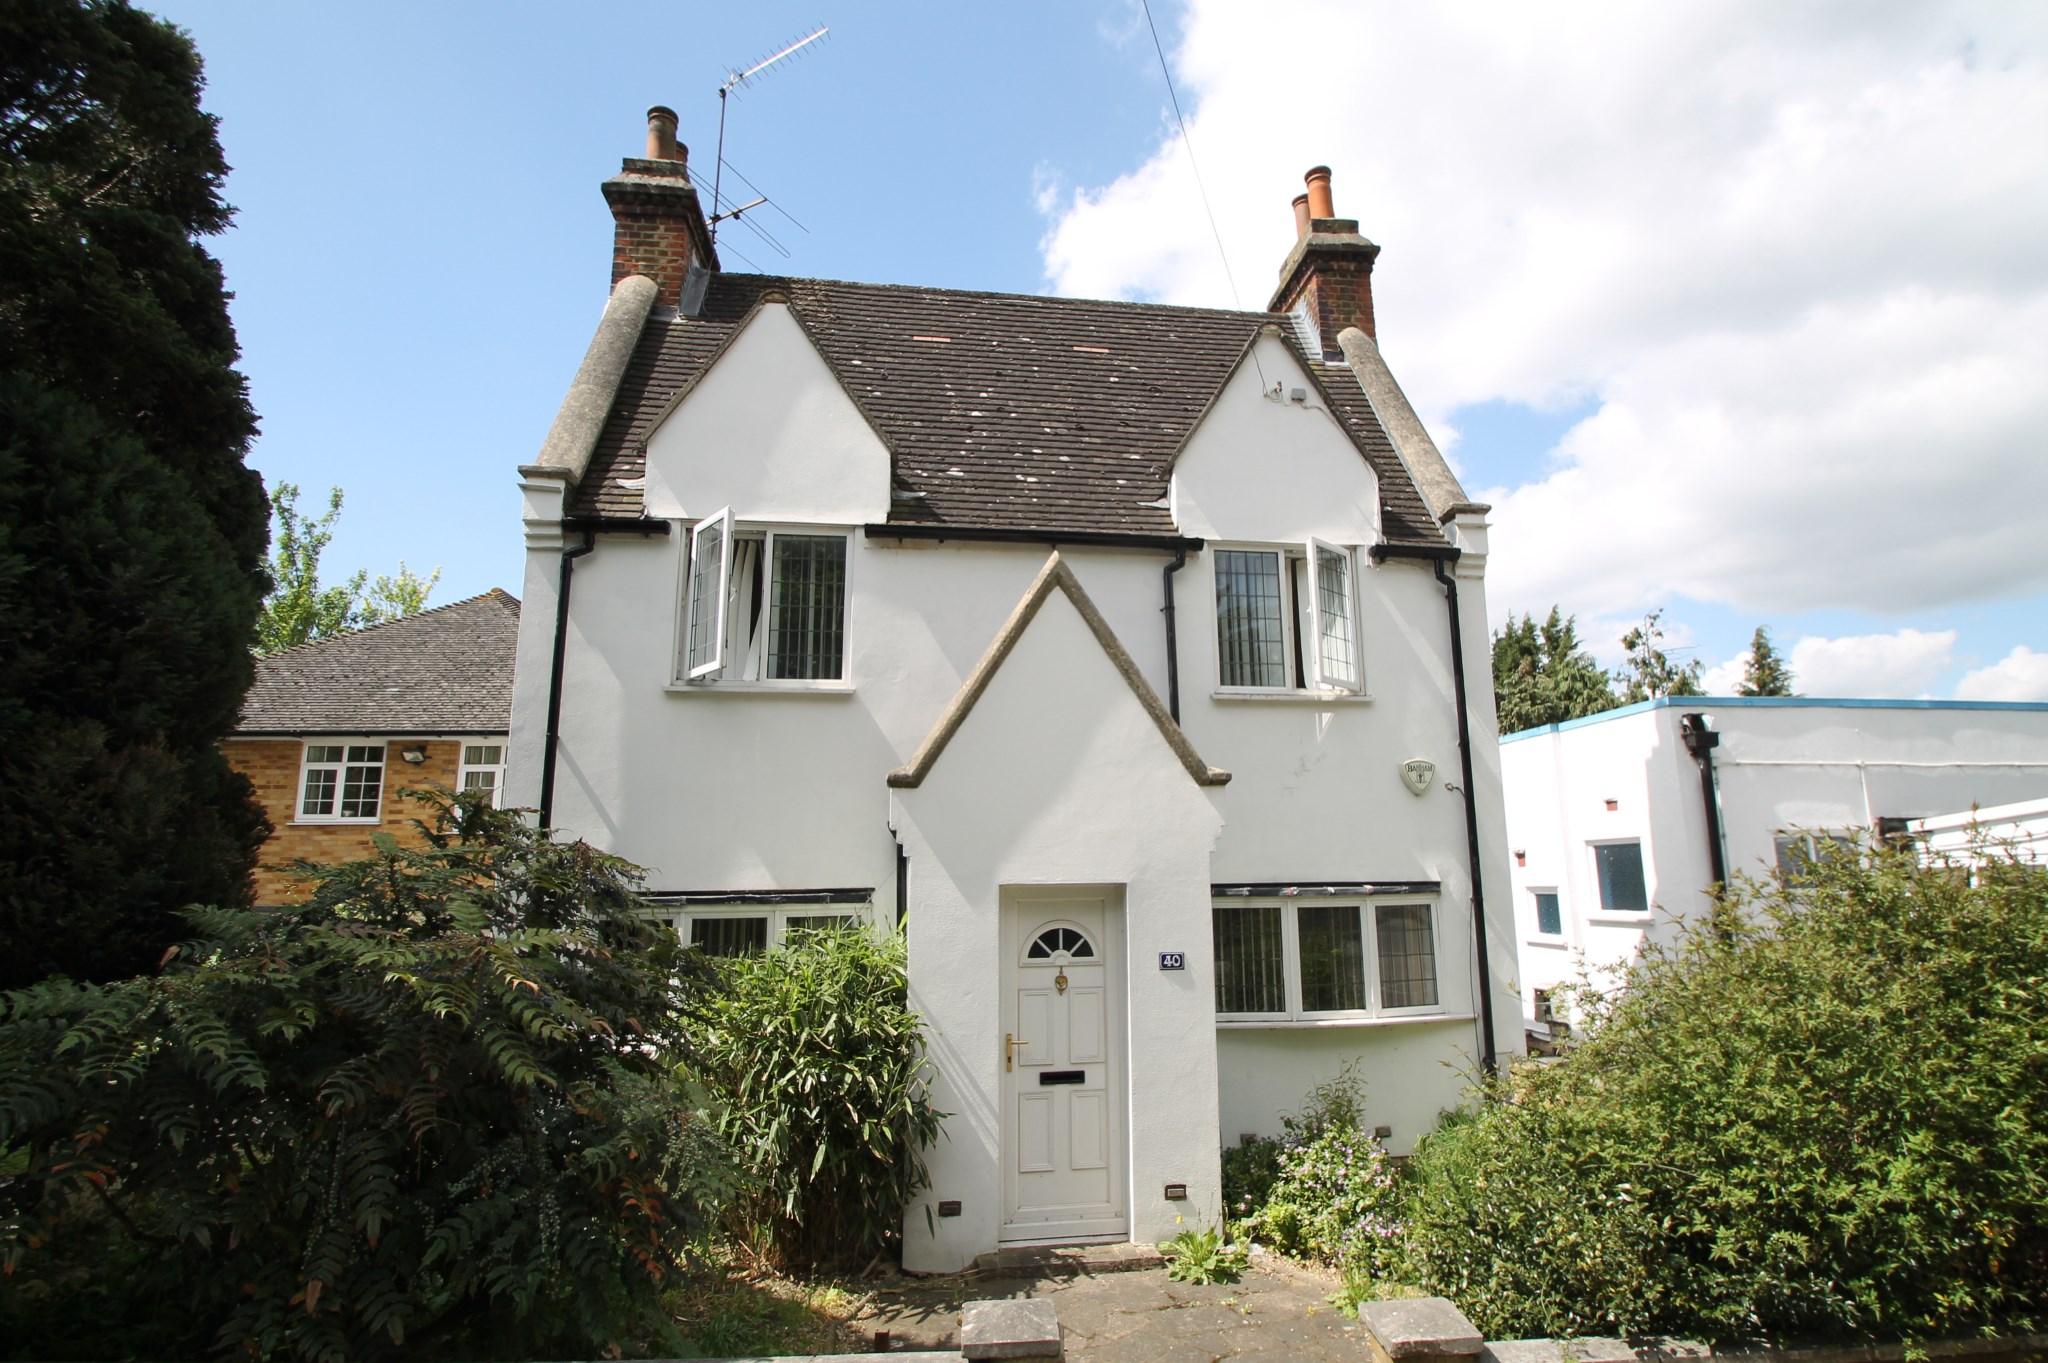 Bramley Hill, South Croydon, Surrey, CR2